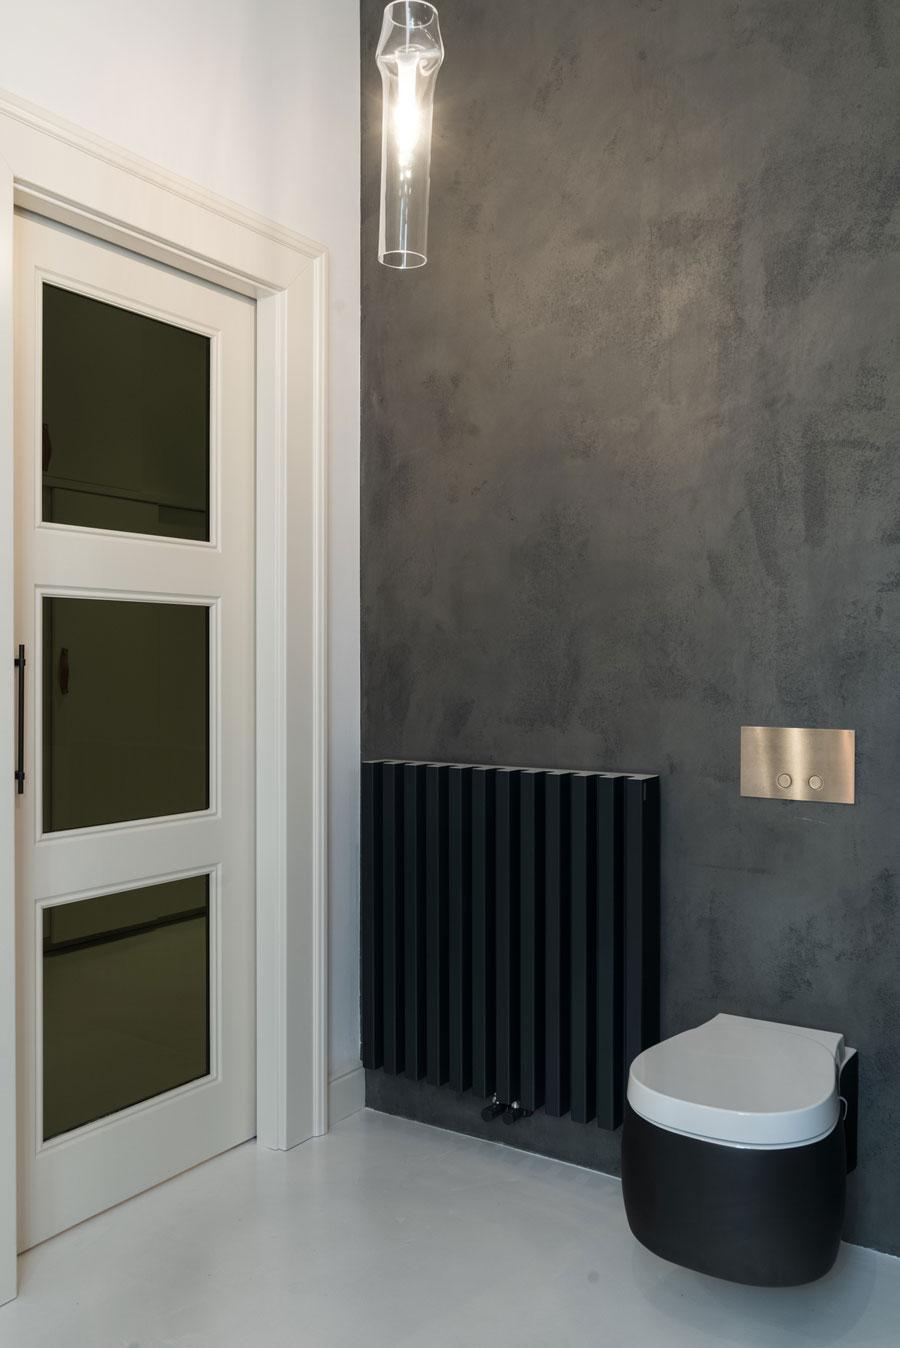 Betonstuc zwart toilet